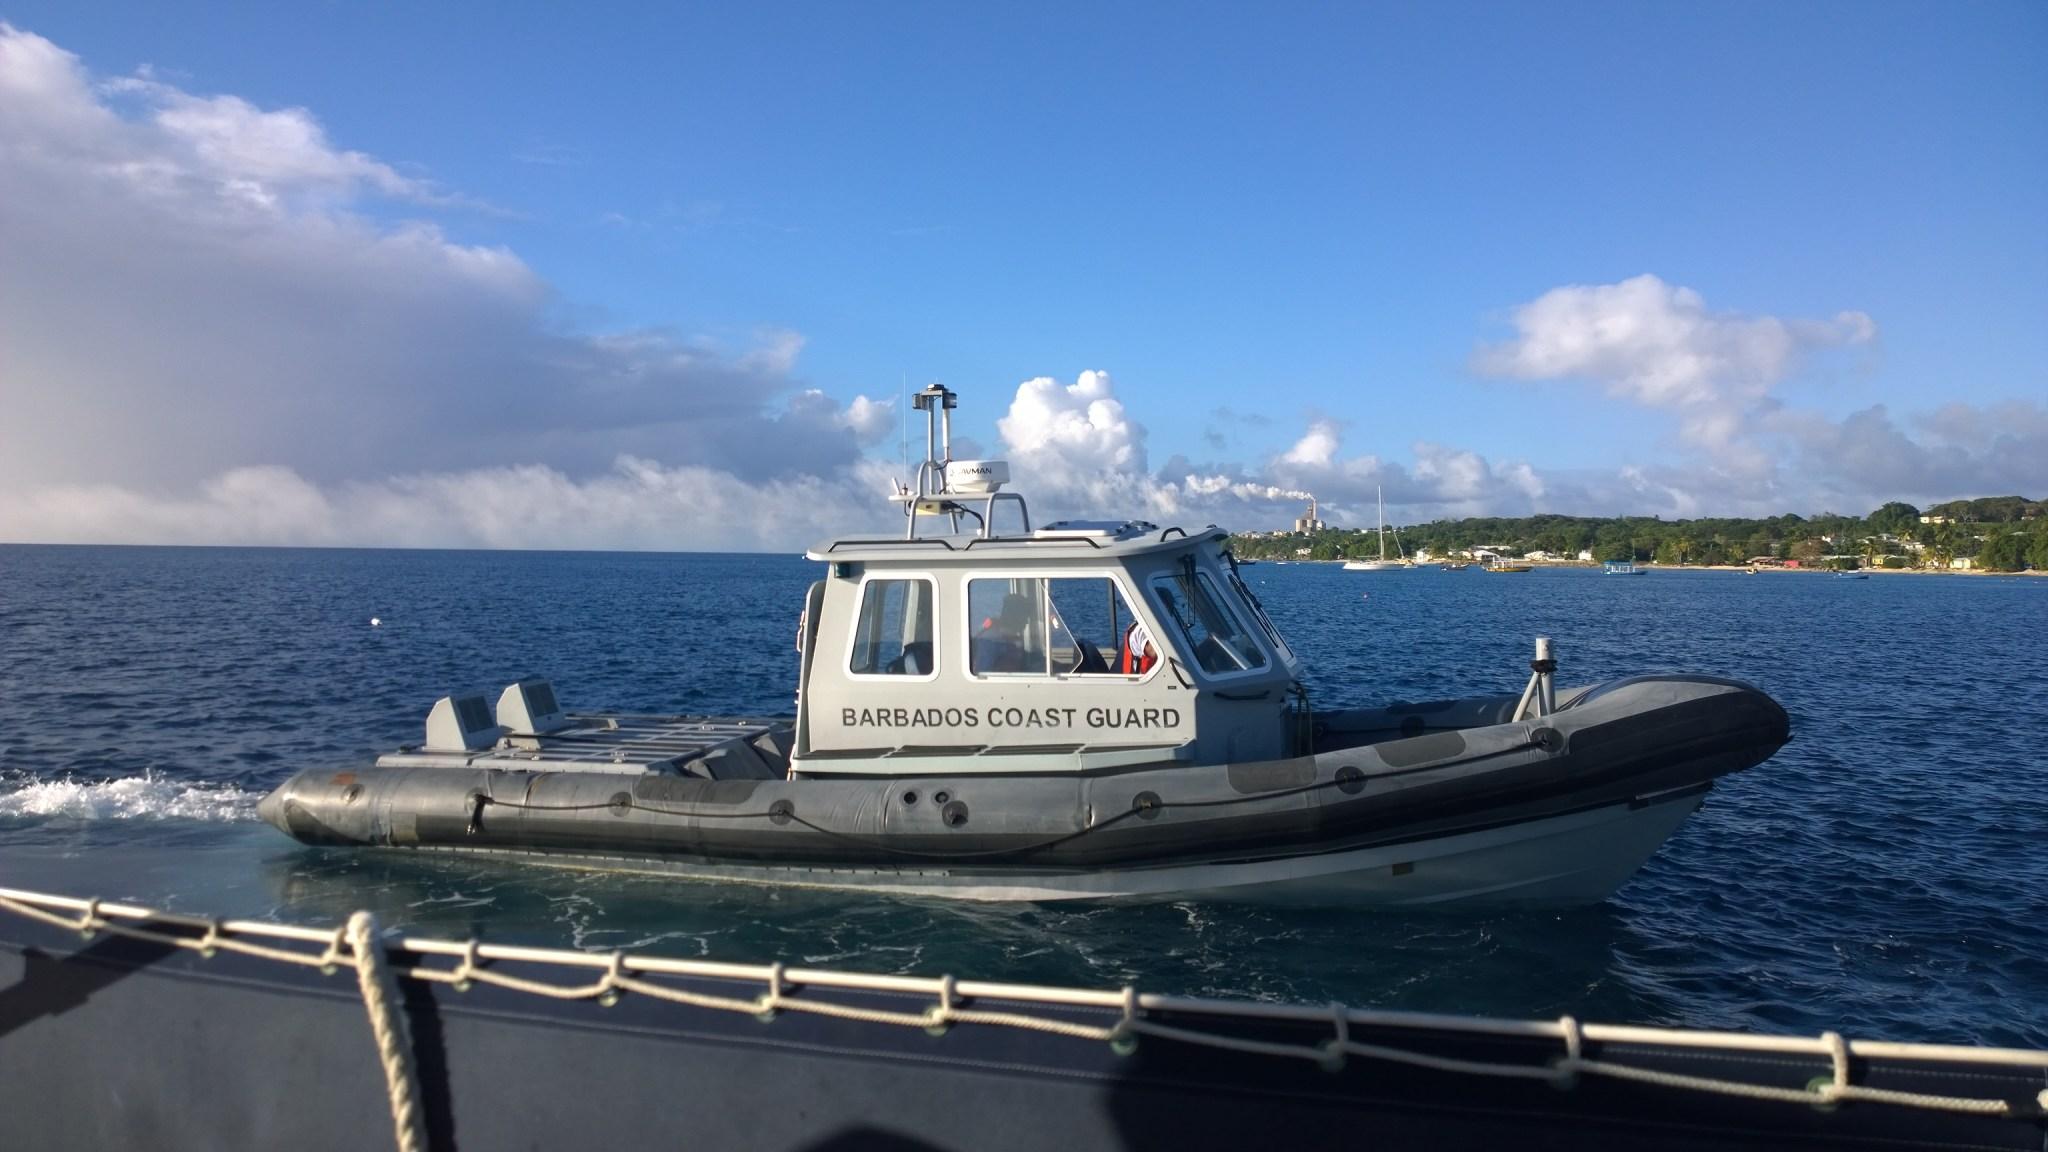 Rannikkivartiosto tsekkasi veneet ainakin kaksi kertaa kolmen viikon aikana. Missään muualla ei rannikkovartiostoa ole pahemmin näkynyt.